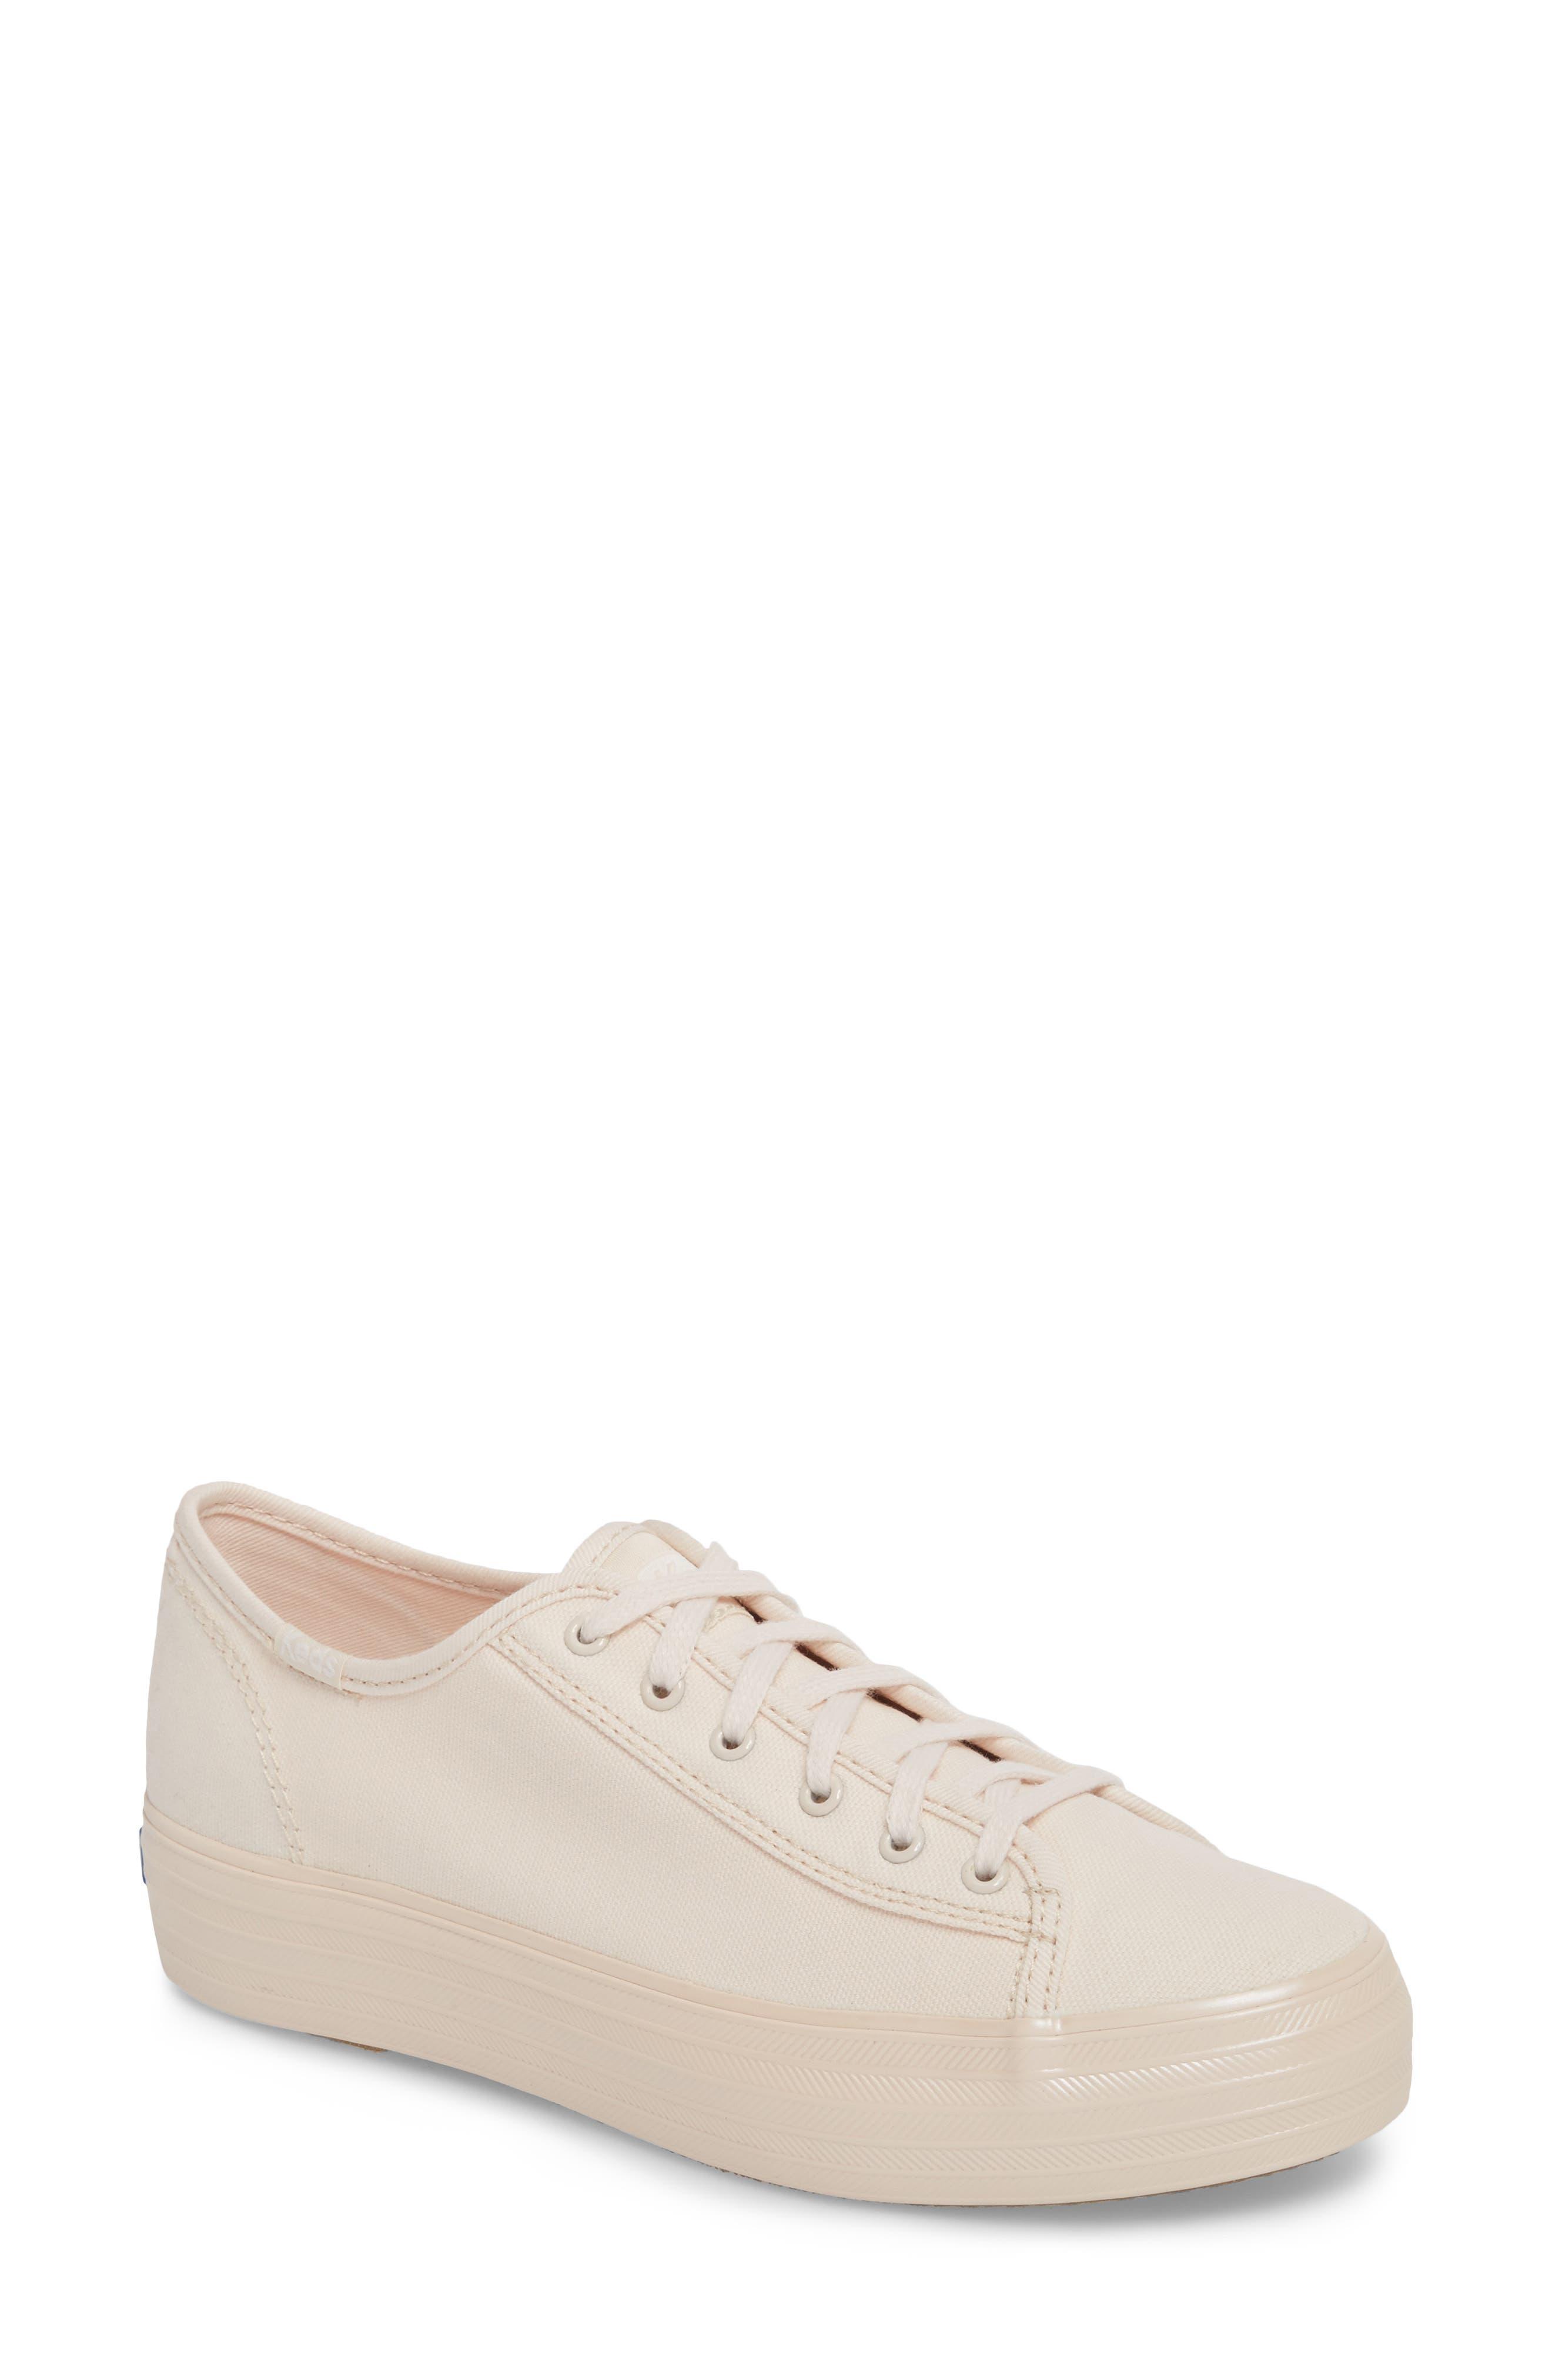 Triple Kick Lace-Up Sneaker,                         Main,                         color, 680